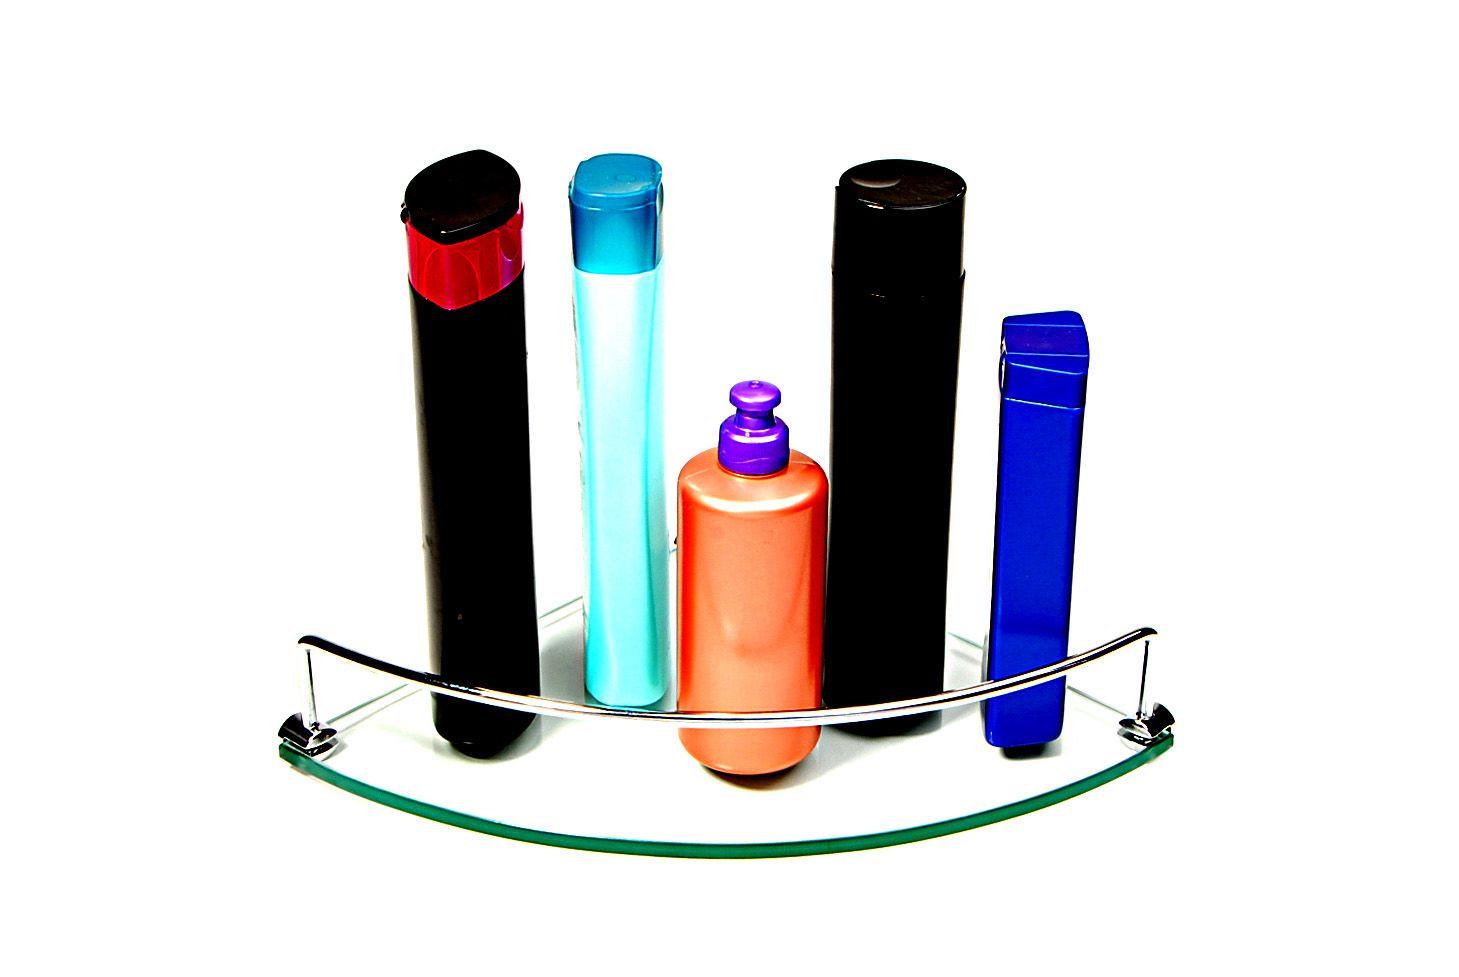 Porta Shampoo Canto Curvo em Vidro Incolor Lapidado - Aquabox  - 25cmx25cmx8mm